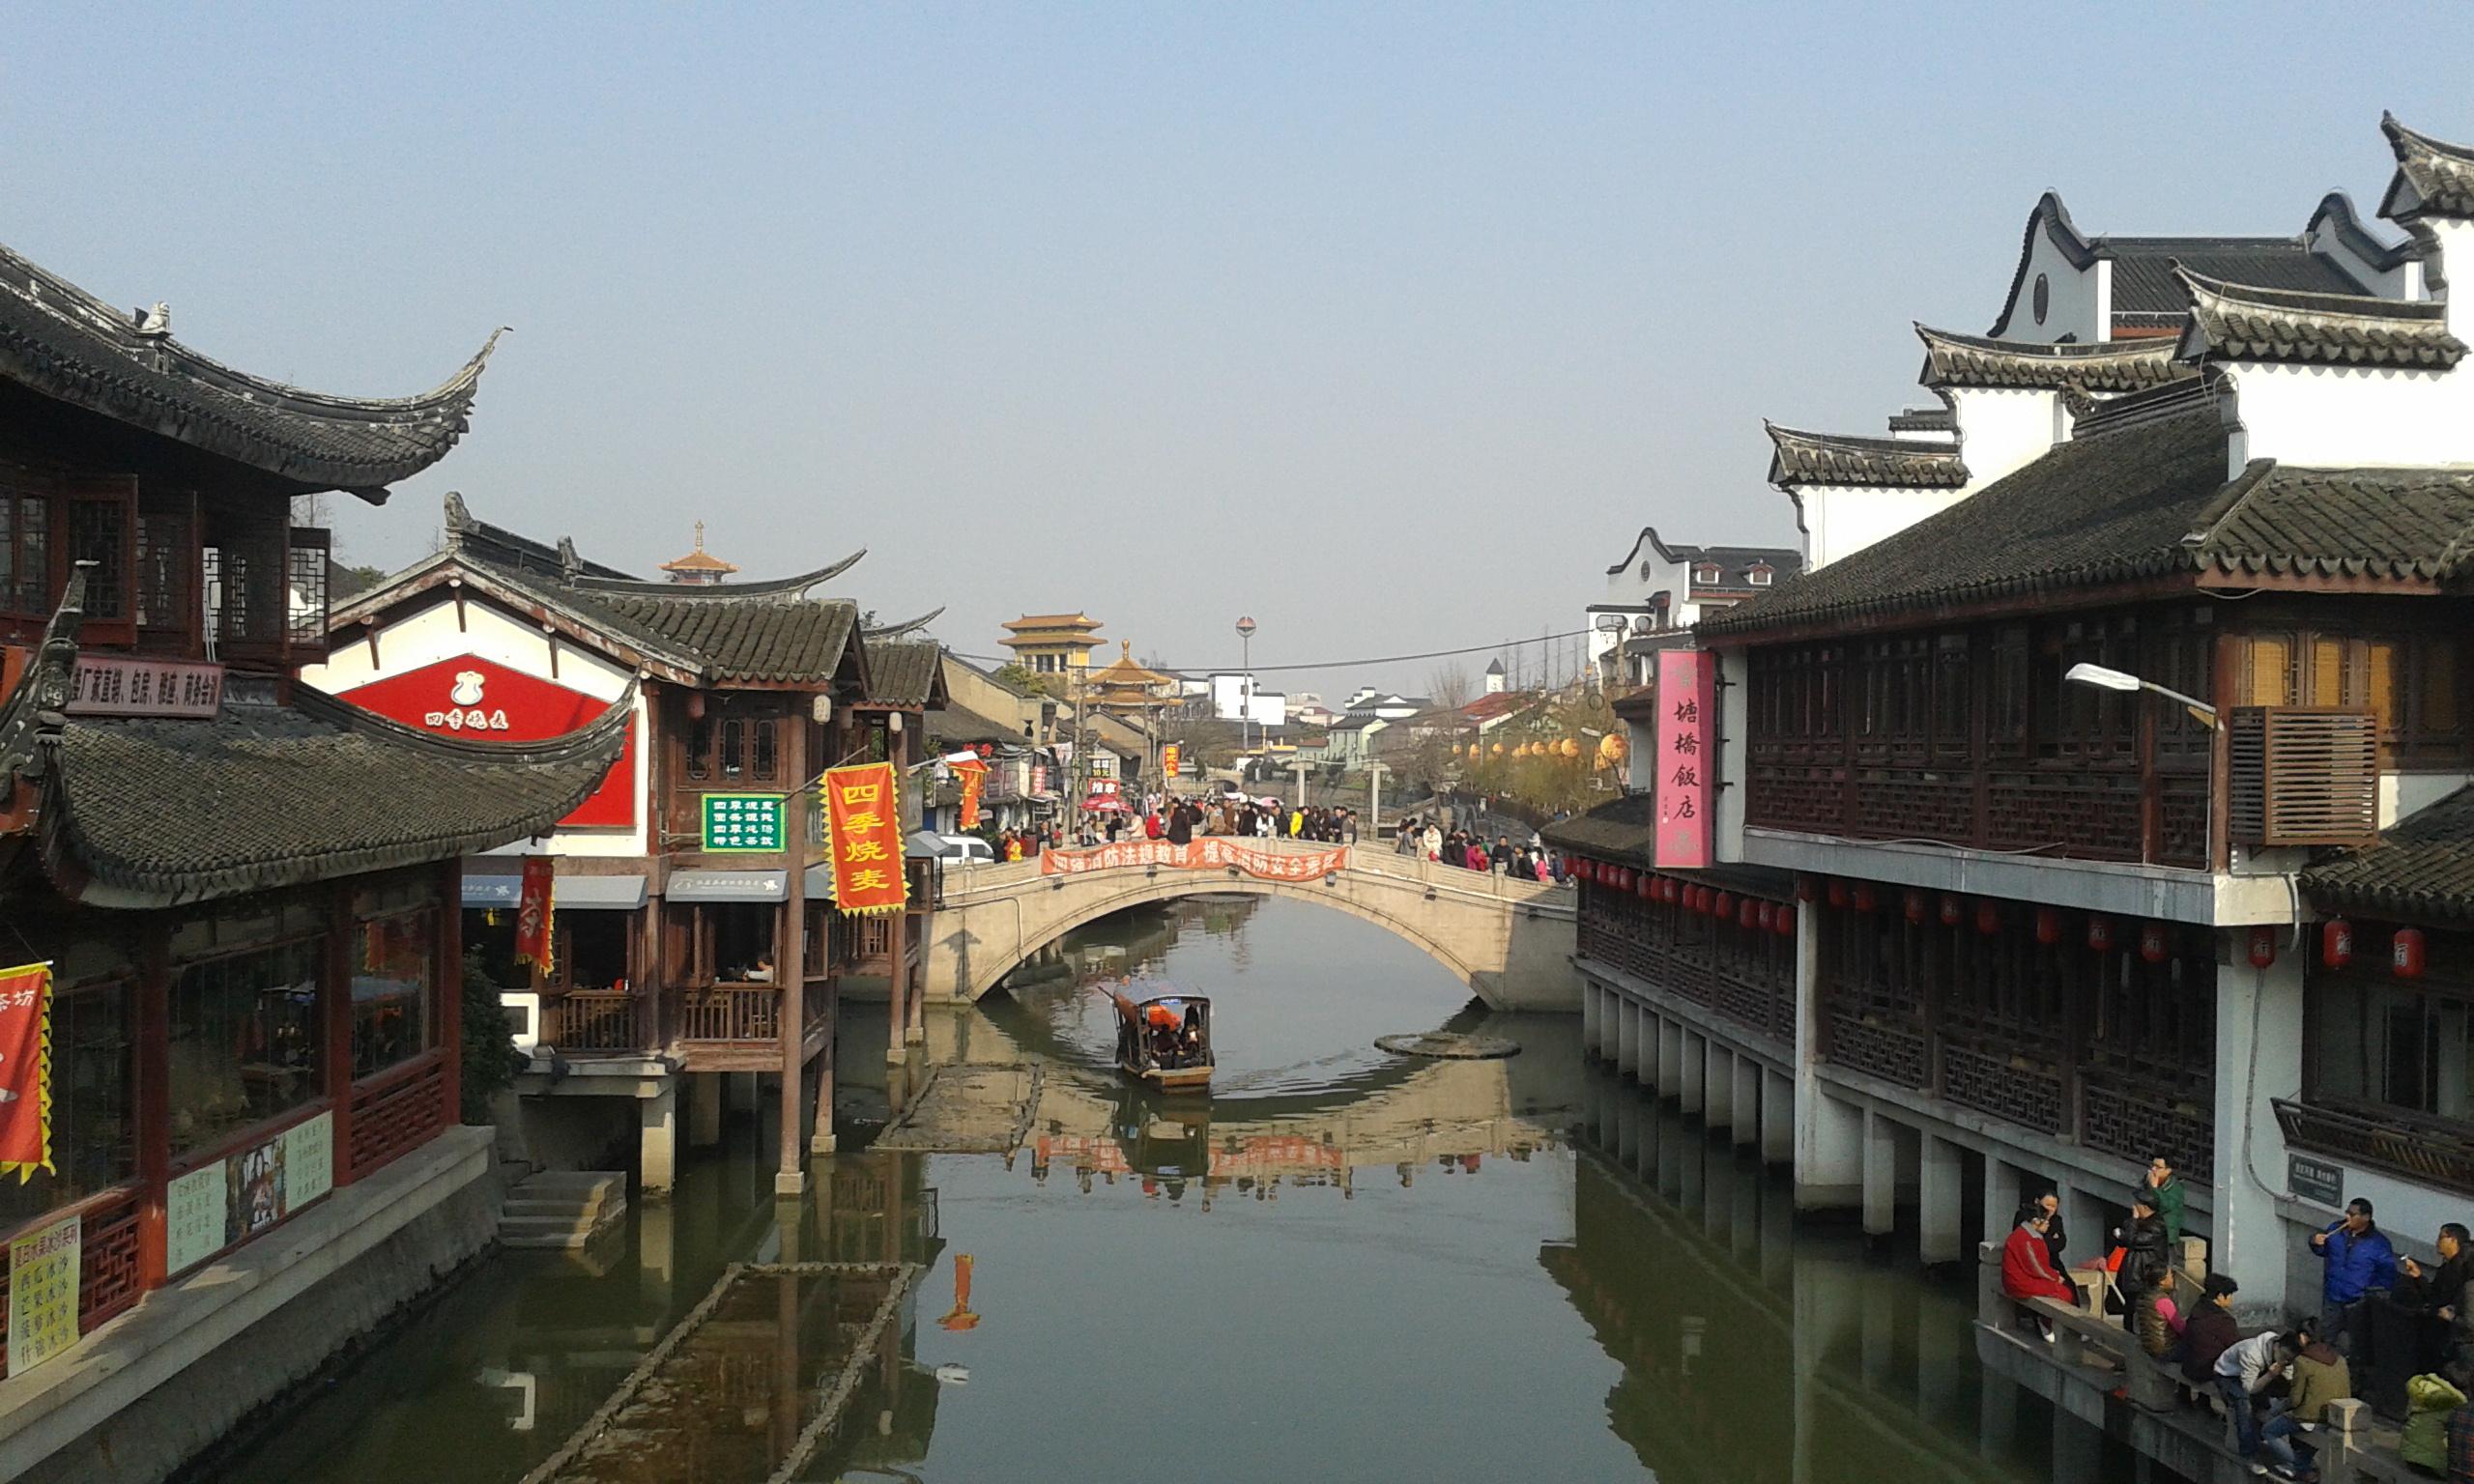 Qibao egyik hídja - Qibao (七宝), Shanghai